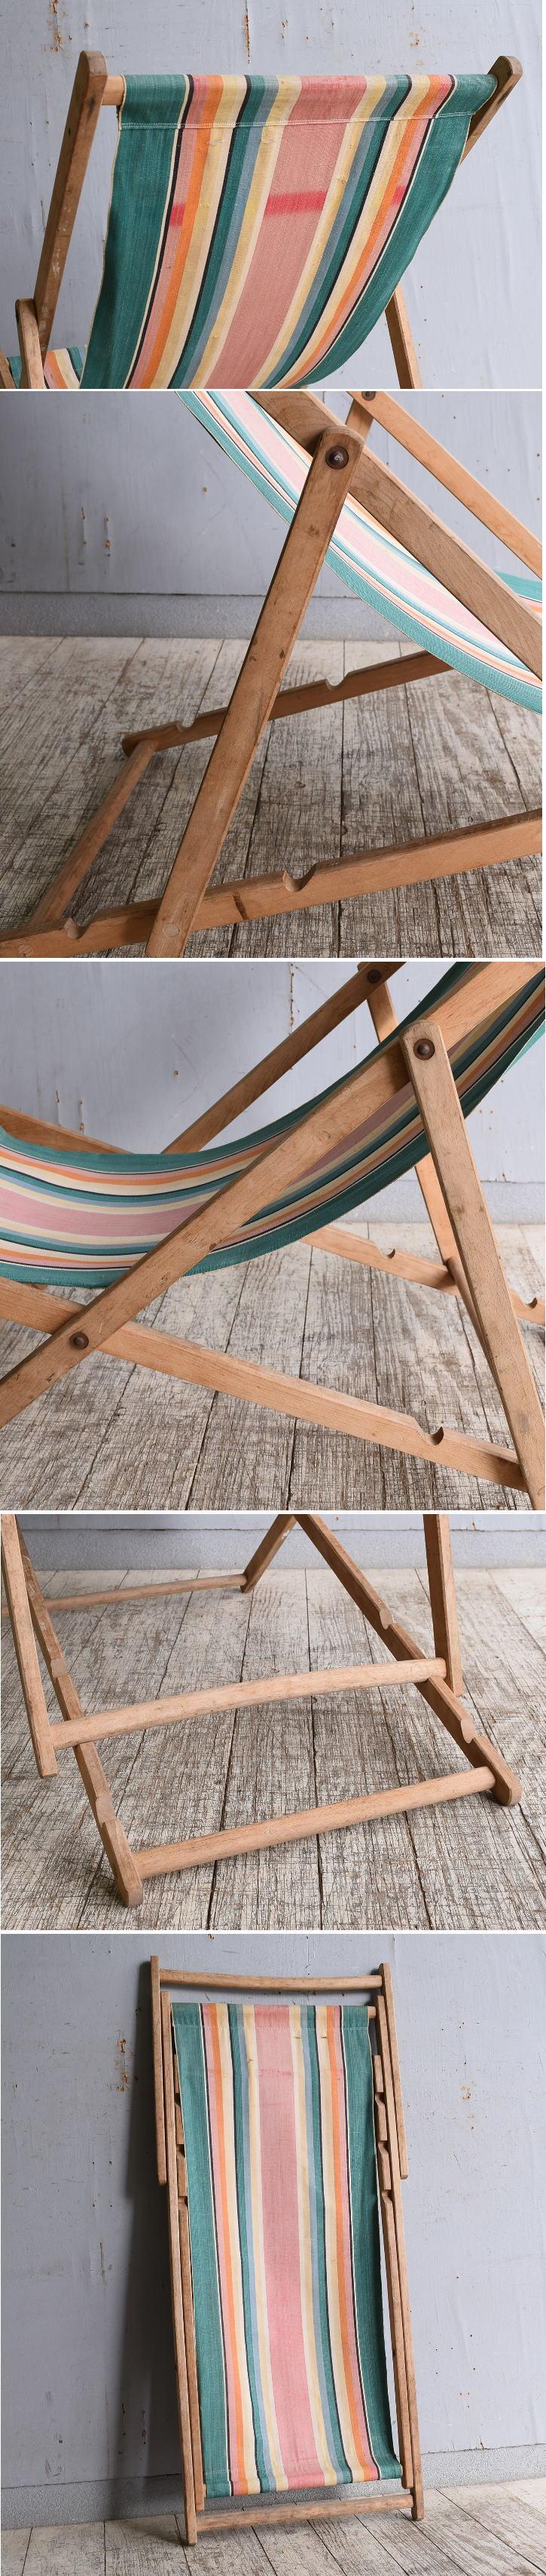 イギリス アンティーク フォールディングデッキチェア 椅子 10240